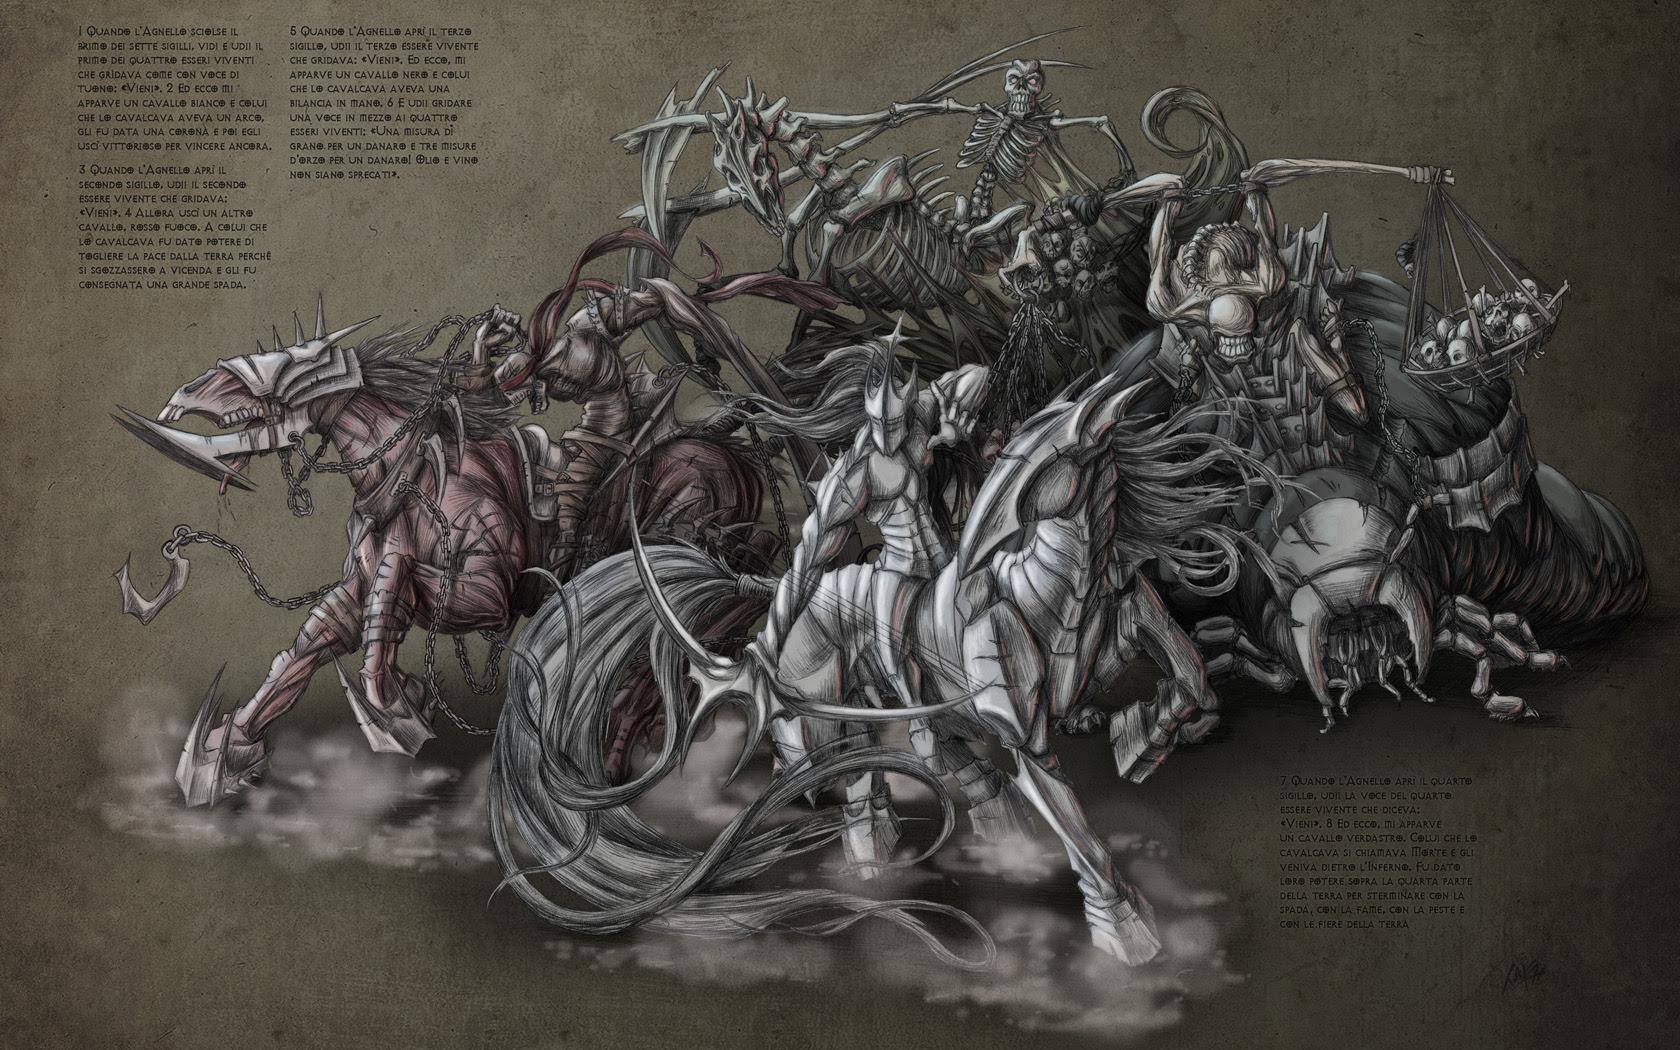 Horsemen Of Apocalypse Wallpaper 1680x1050 10652